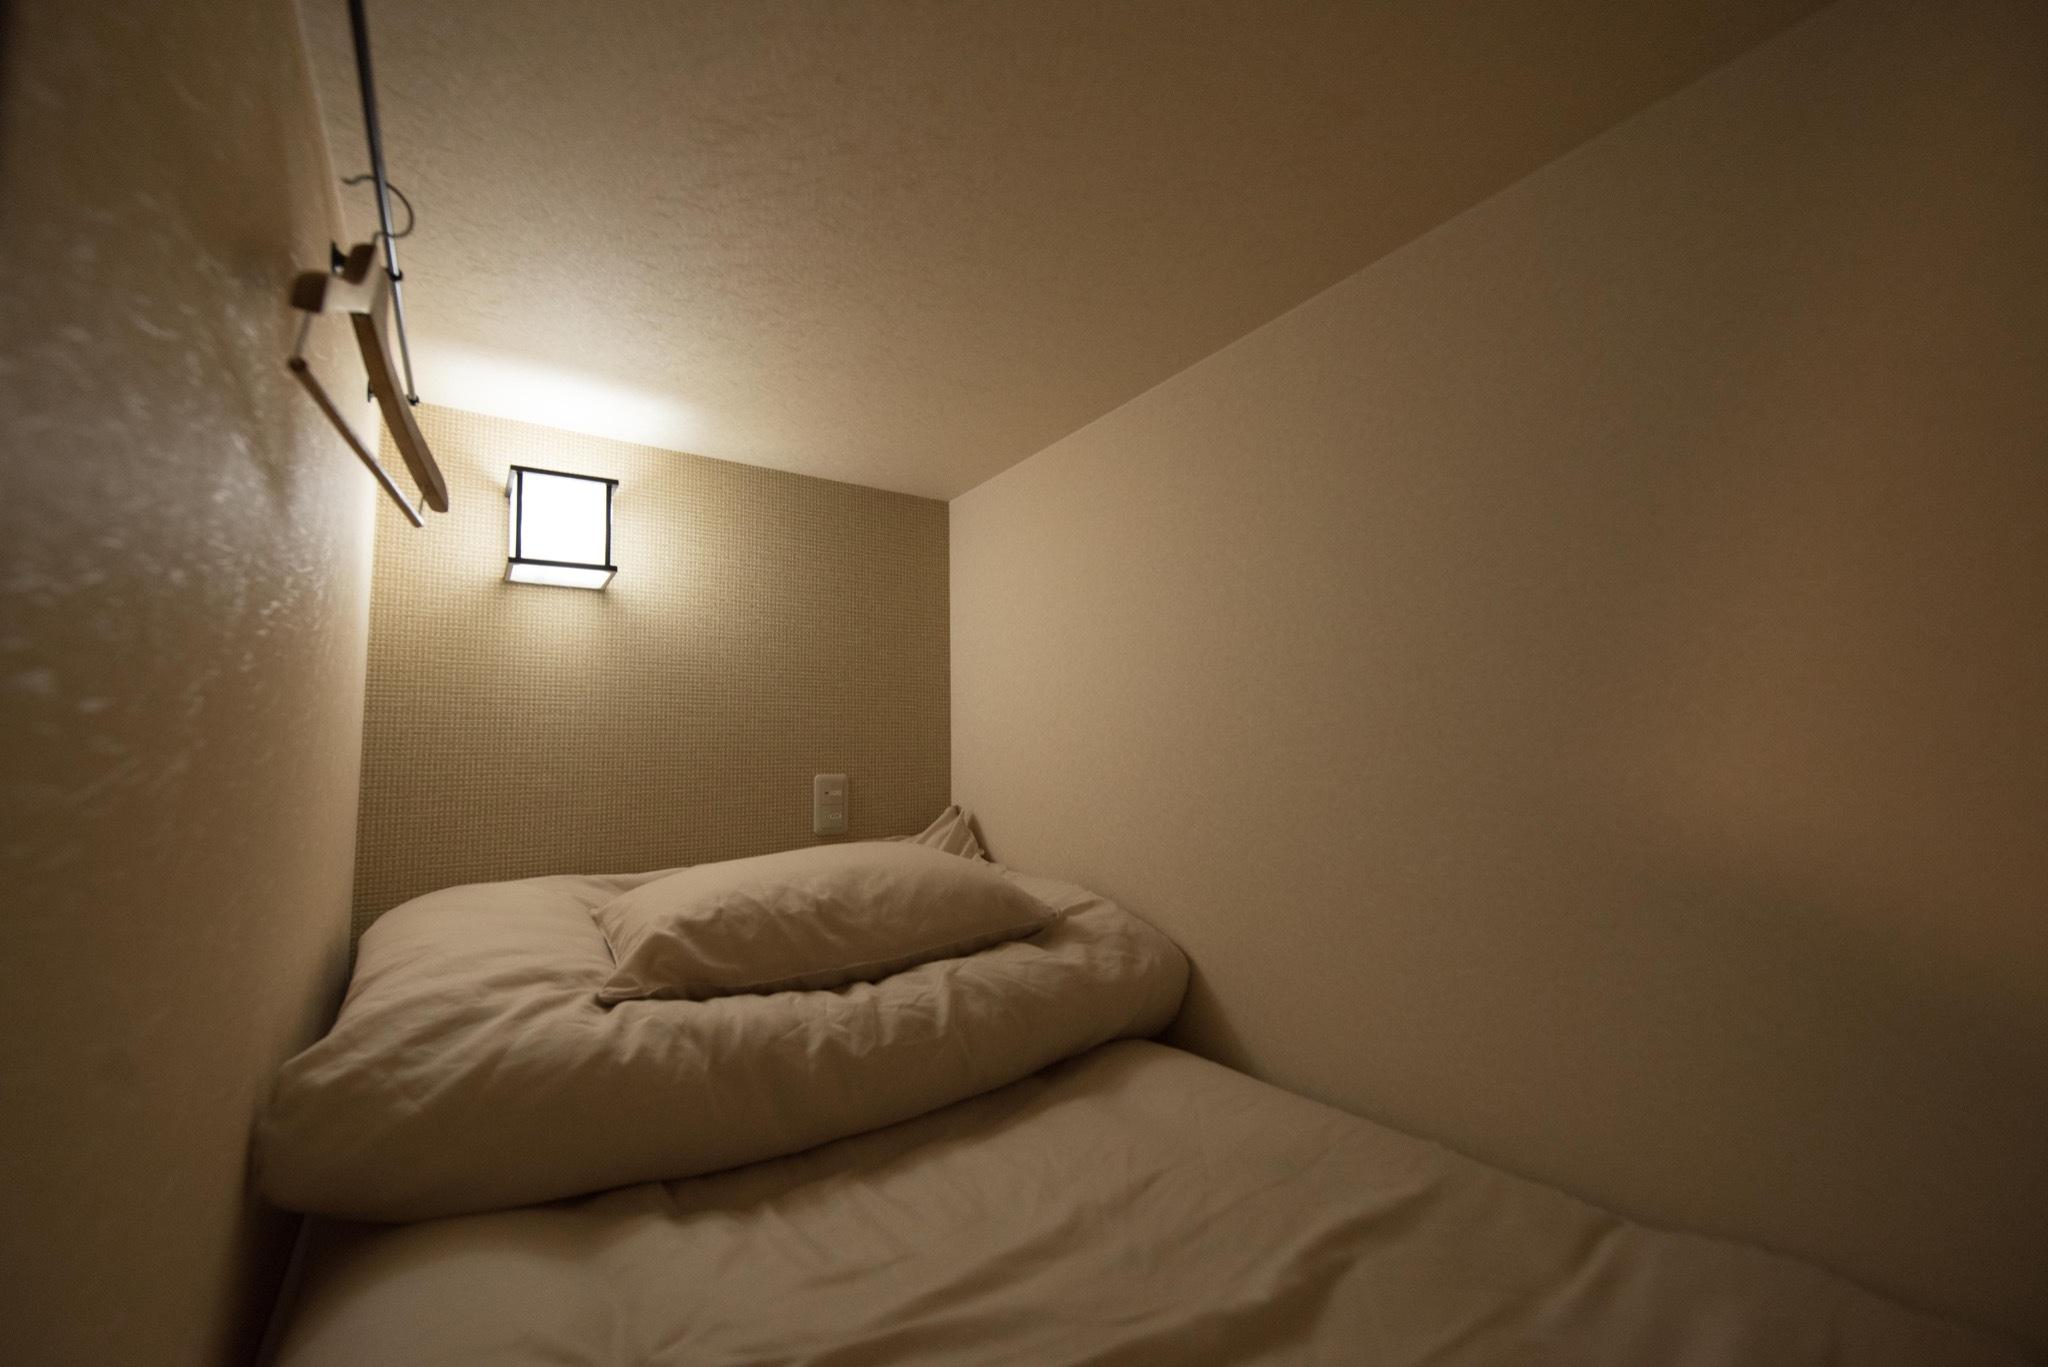 ベッド内写真 / Inside the capsule bed